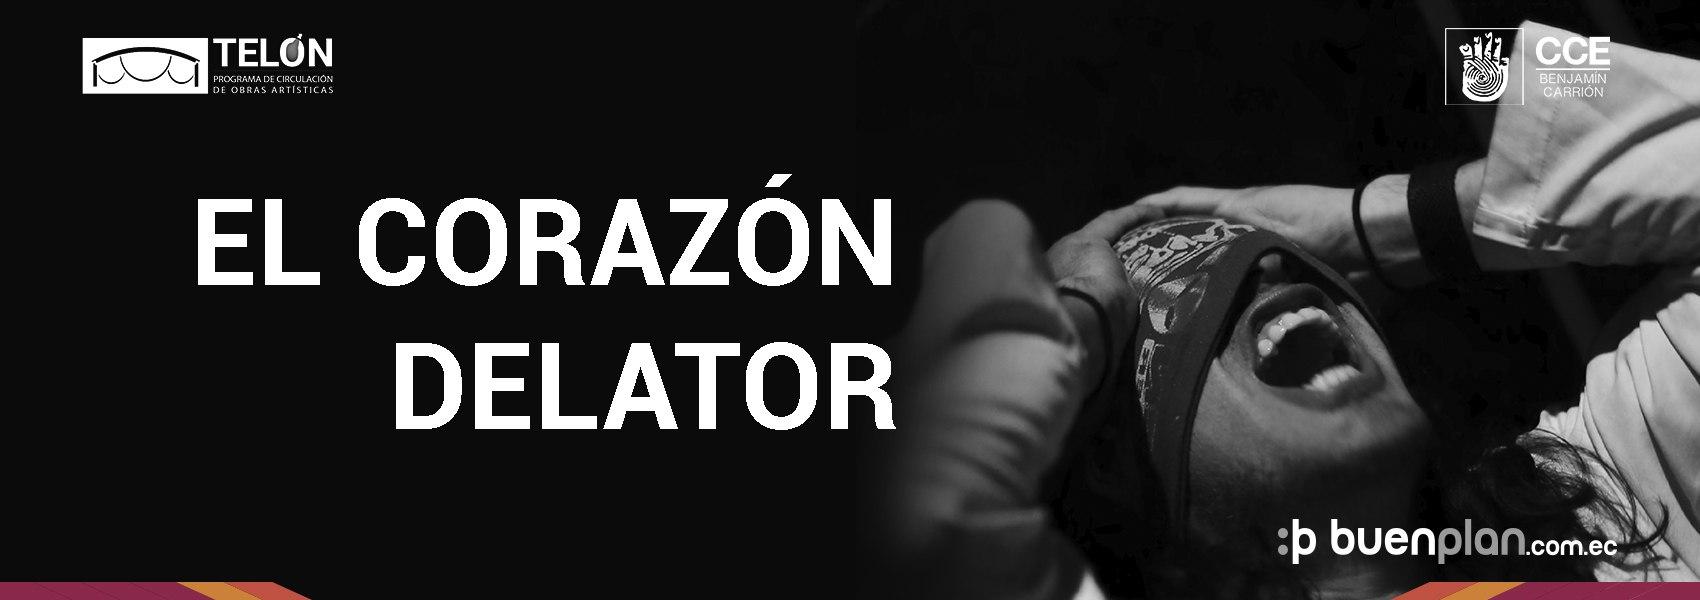 El Corazón Delator - 19 de Abril en Quito, BuenPlan